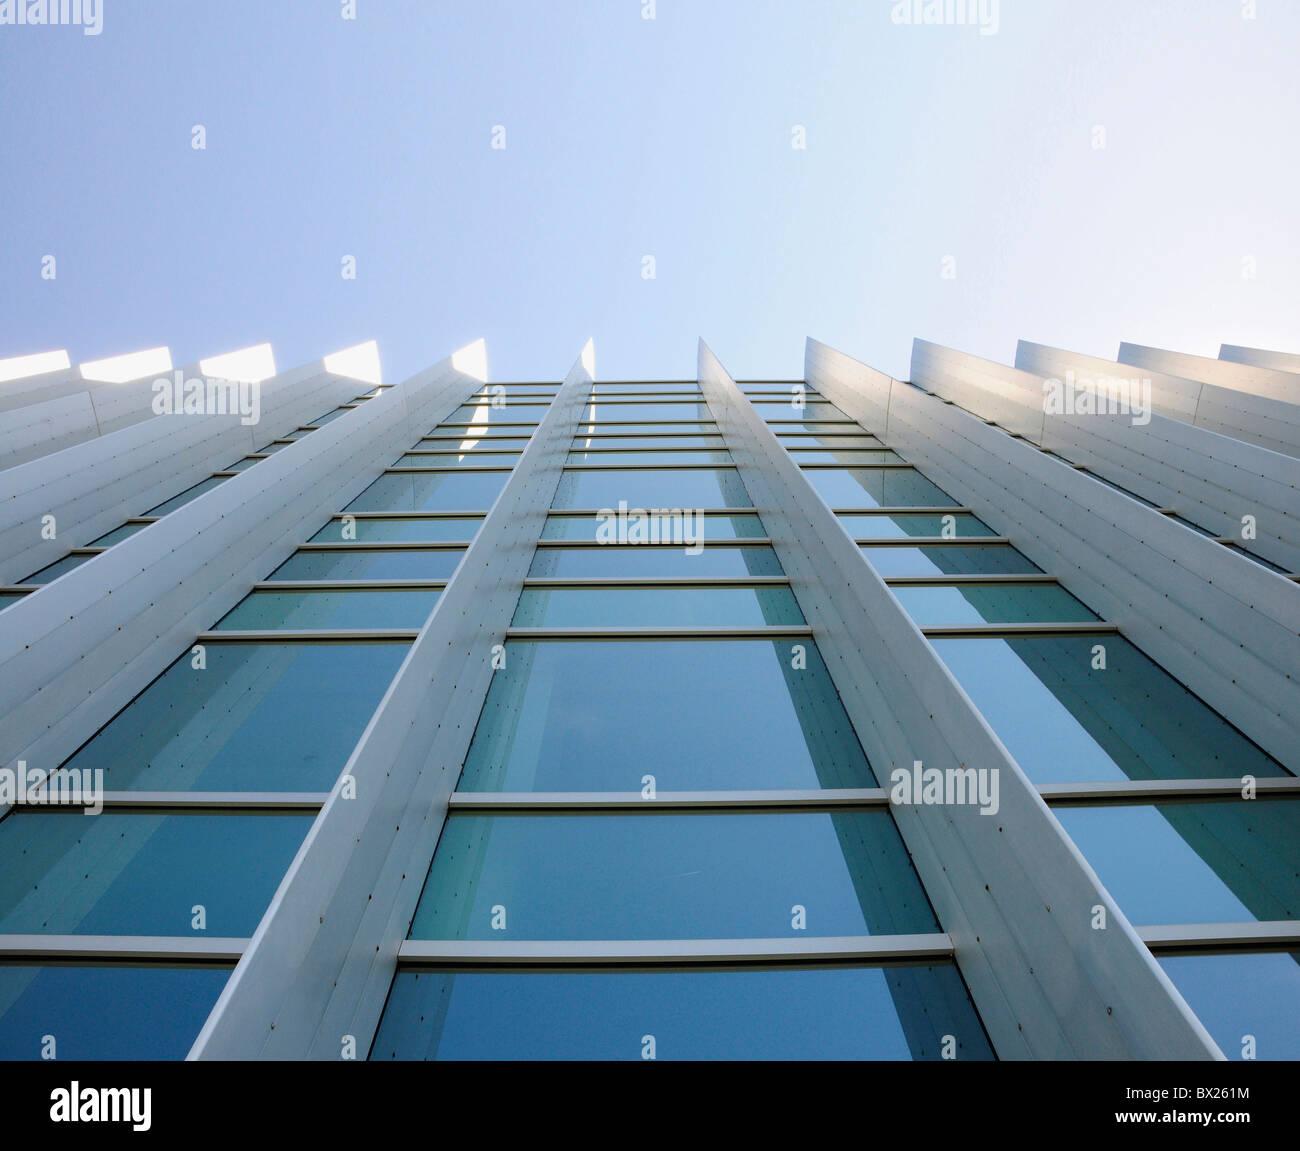 Ventanas exteriores de un edificio de oficinas comerciales, mirando hacia arriba desde el suelo con el cielo azul Imagen De Stock